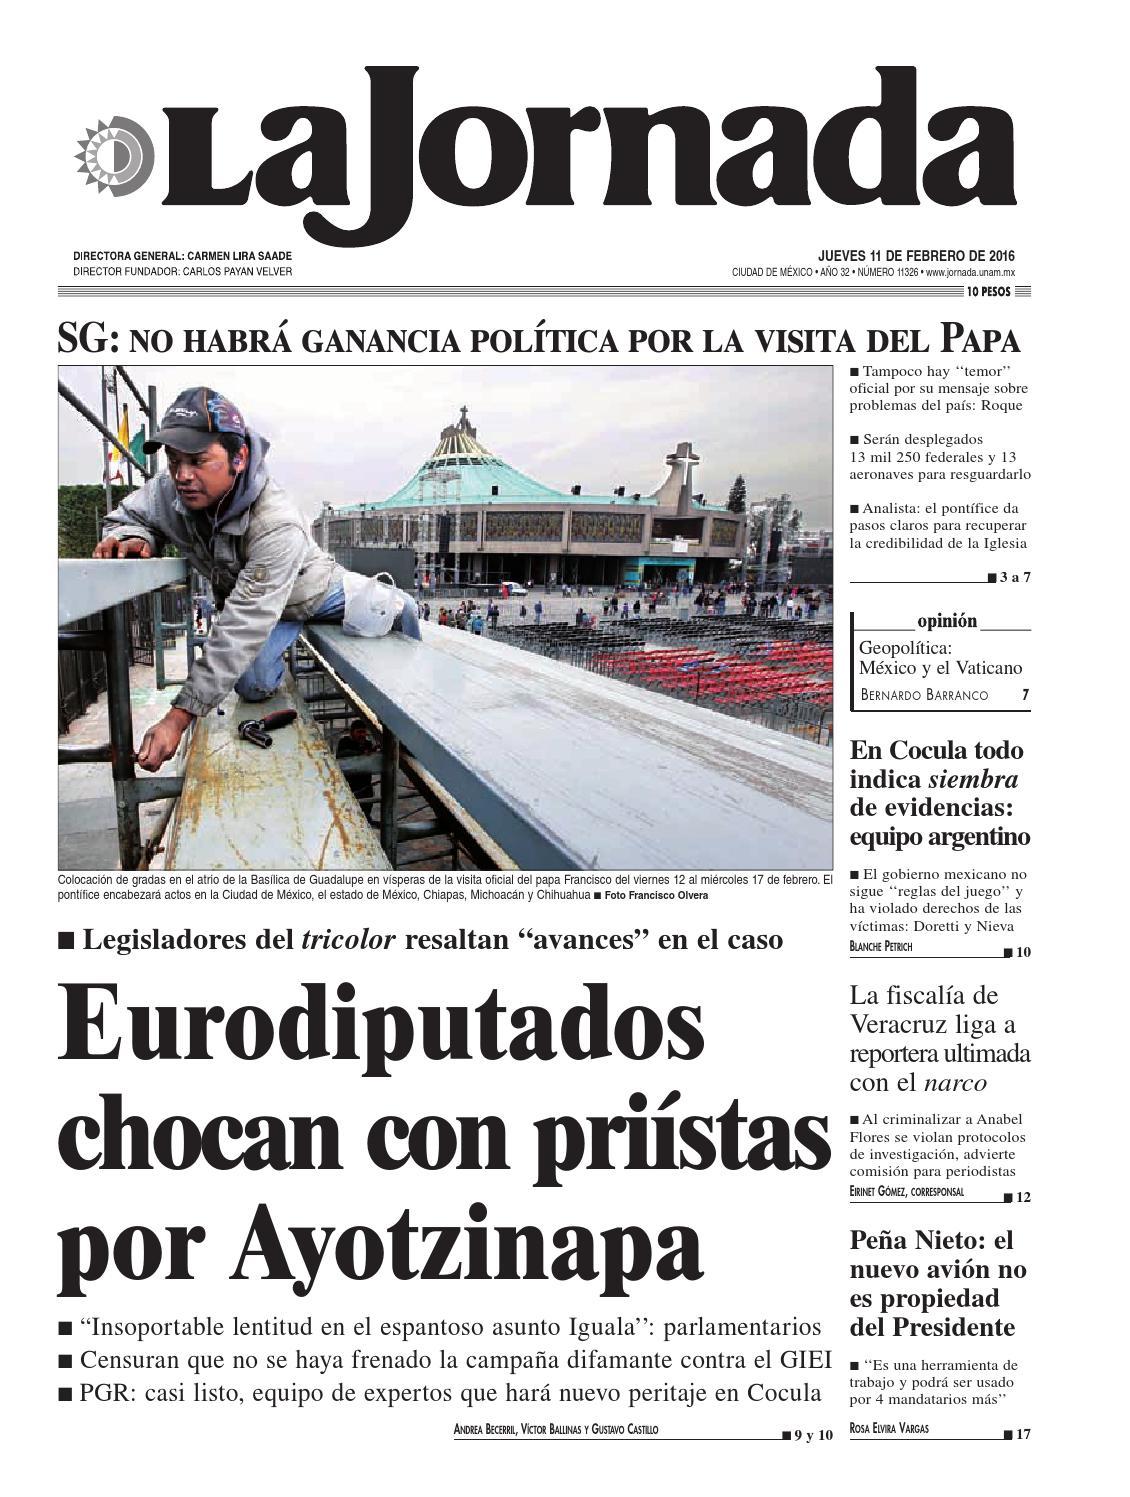 La Jornada, 02/11/2016 by La Jornada: DEMOS Desarrollo de Medios ...